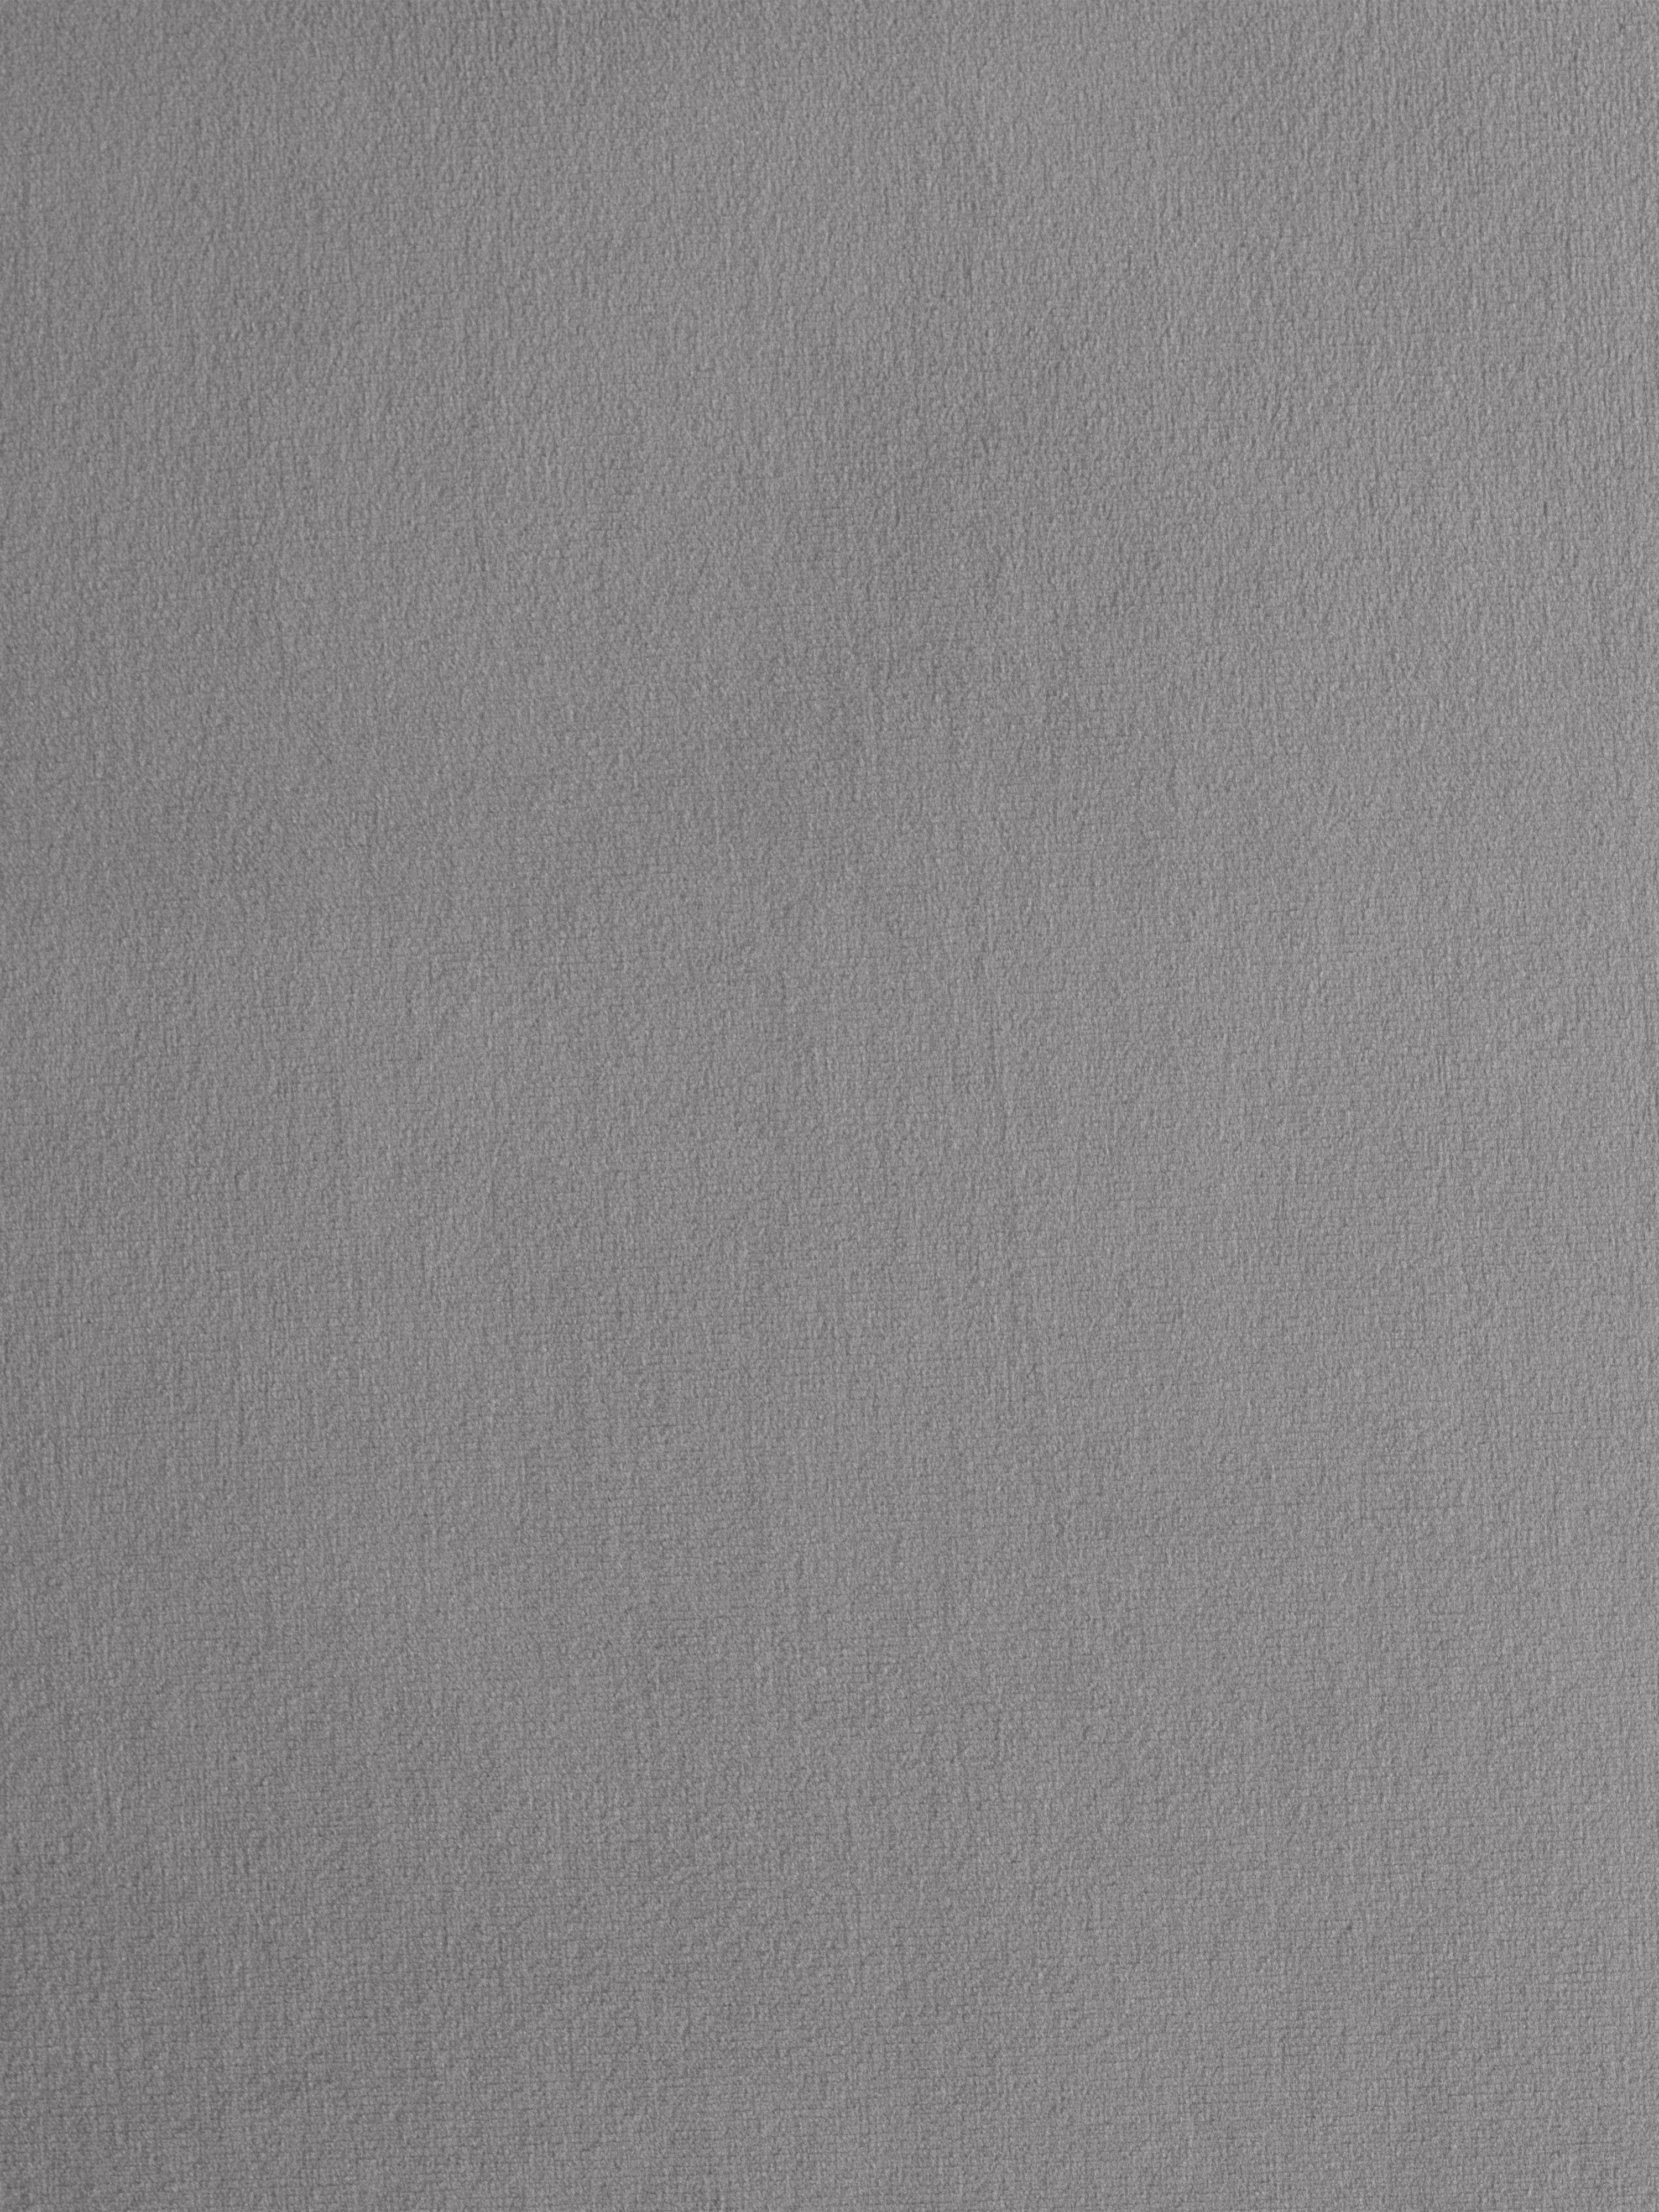 Sillón de terciopelo Fluente, Tapizado: terciopelo (poliéster de , Estructura: madera de pino maciza, Patas: metal con pintura en polv, Terciopelo gris claro, An 74 x F 85 cm